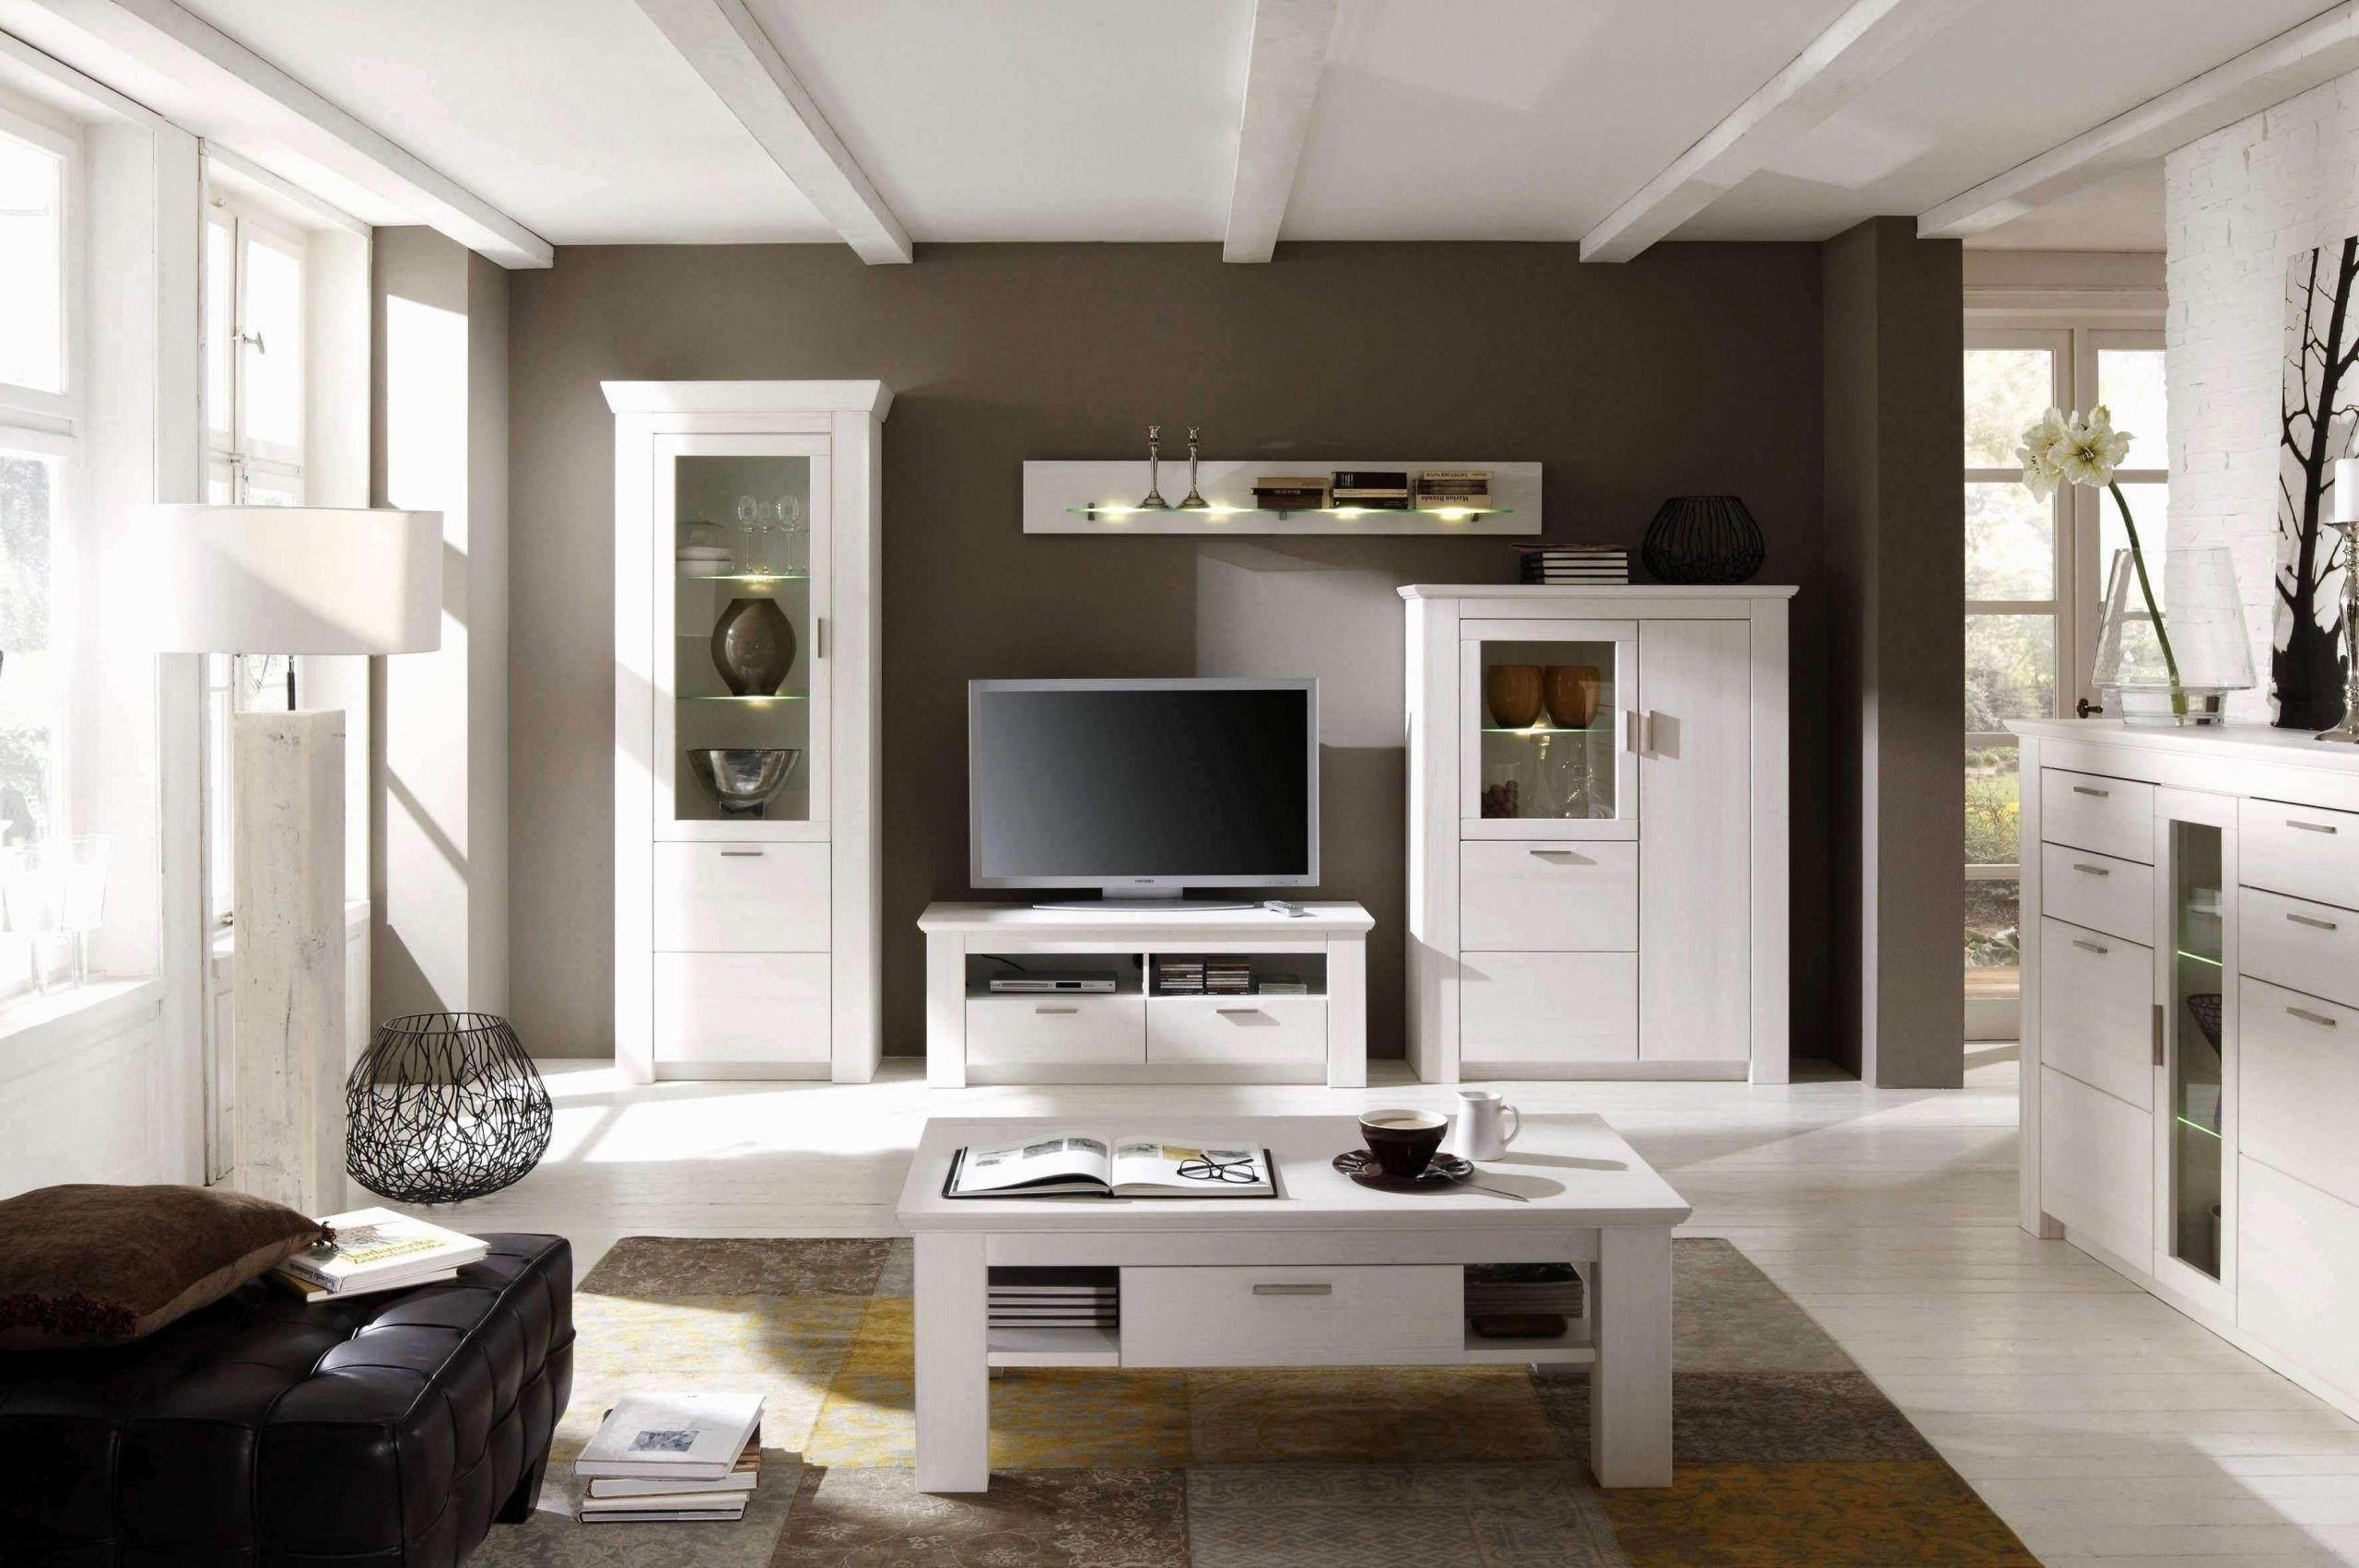 wohnzimmer diy genial wohnzimmer regale design reizend luxury regal metall of wohnzimmer diy scaled